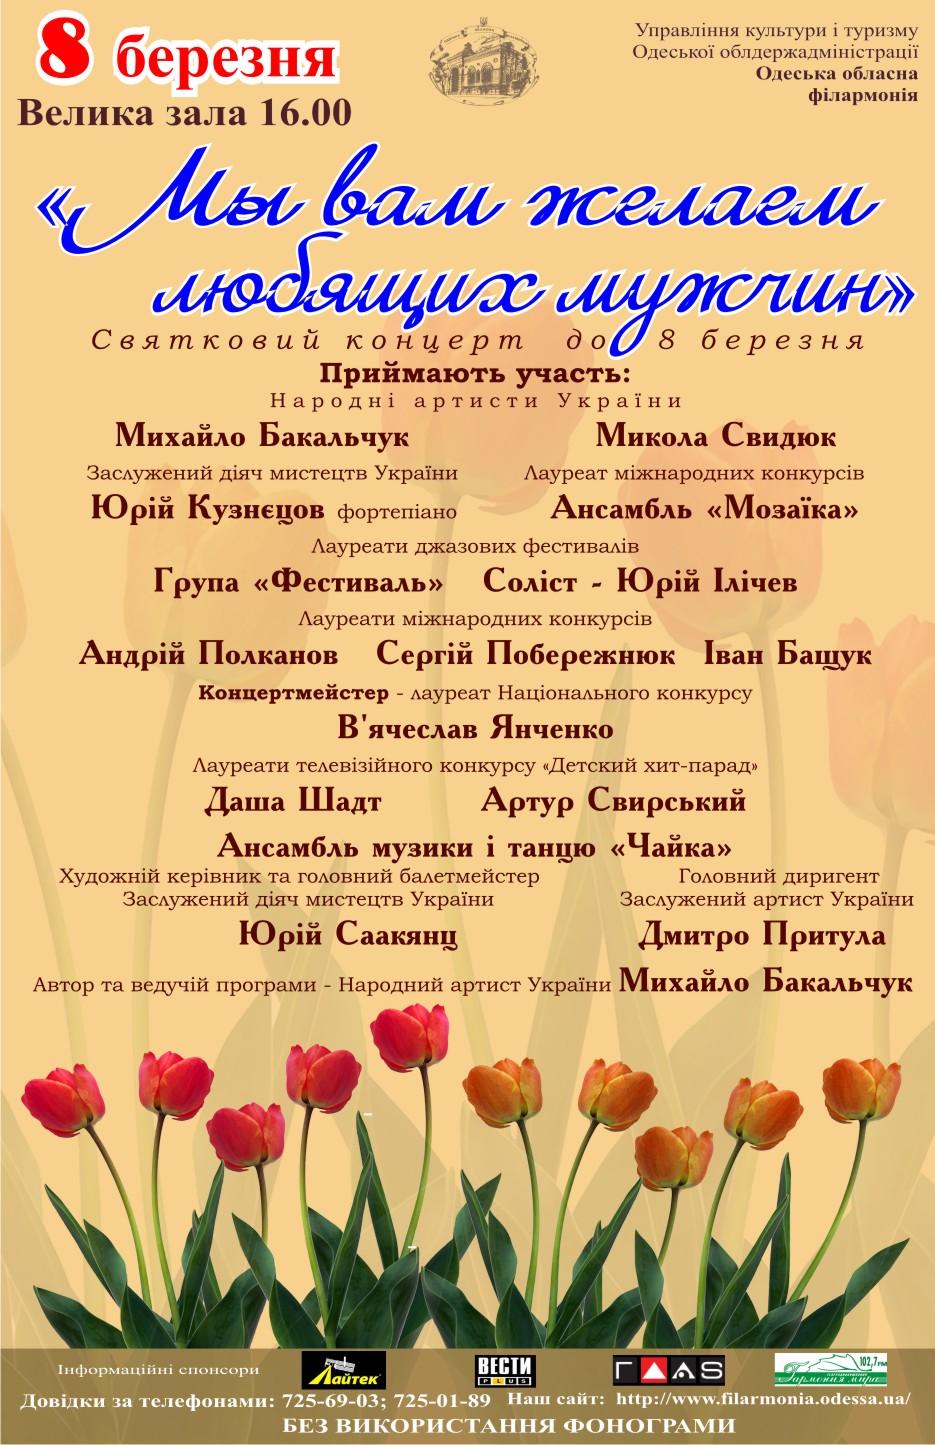 Концерт к 8 марта сценарий в доме